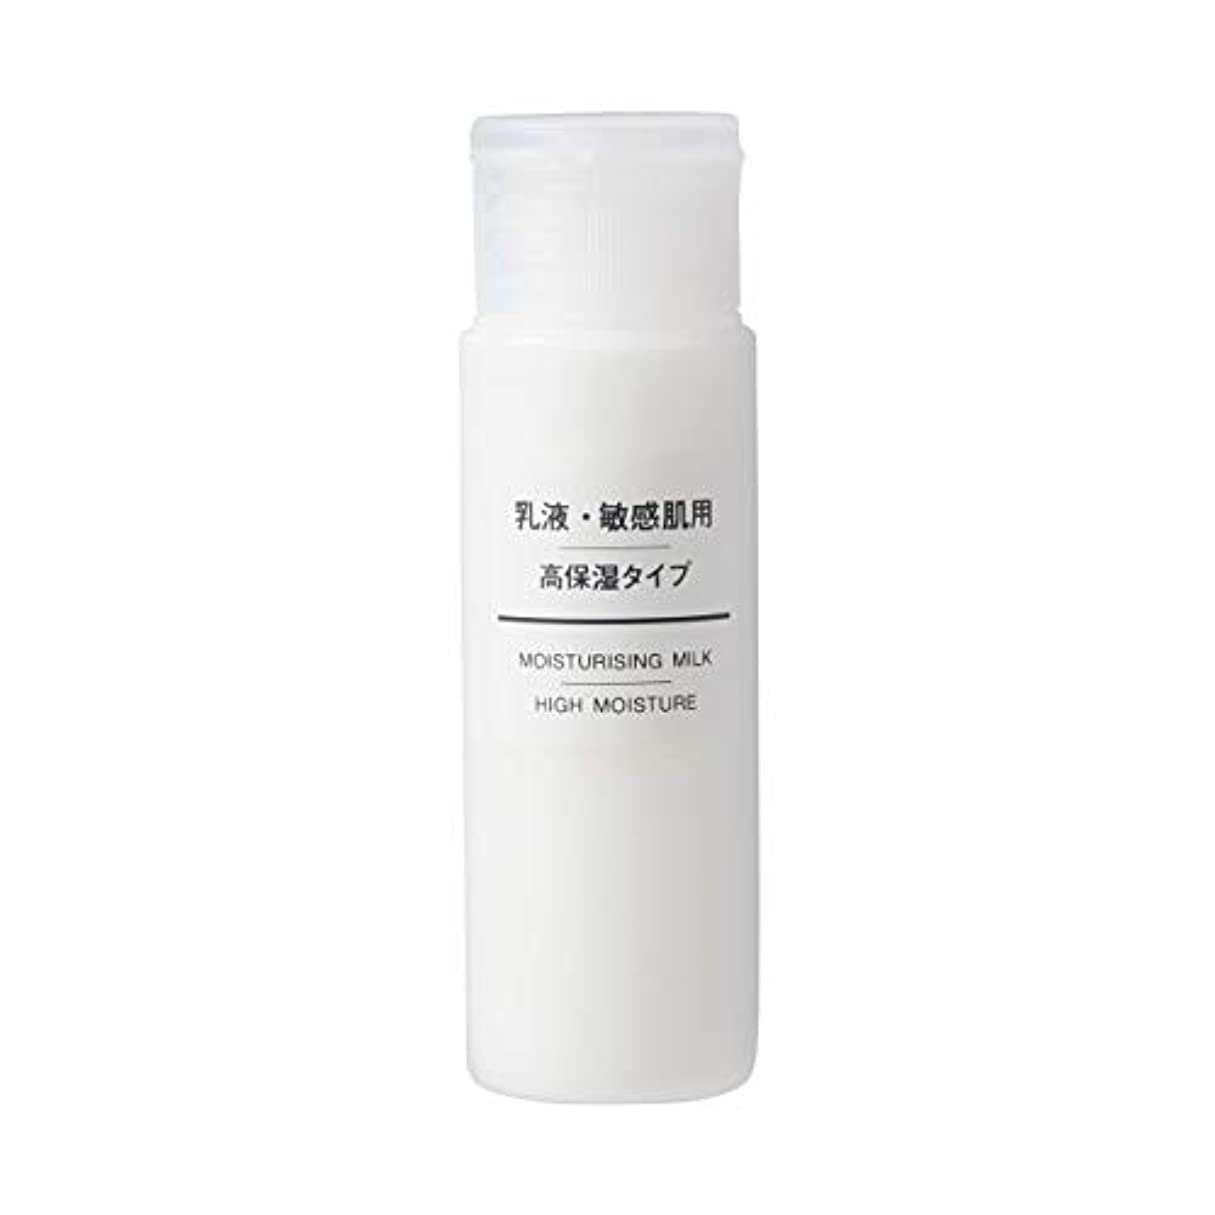 かもめ協同第四無印良品 乳液 敏感肌用 高保湿タイプ(携帯用) 50ml